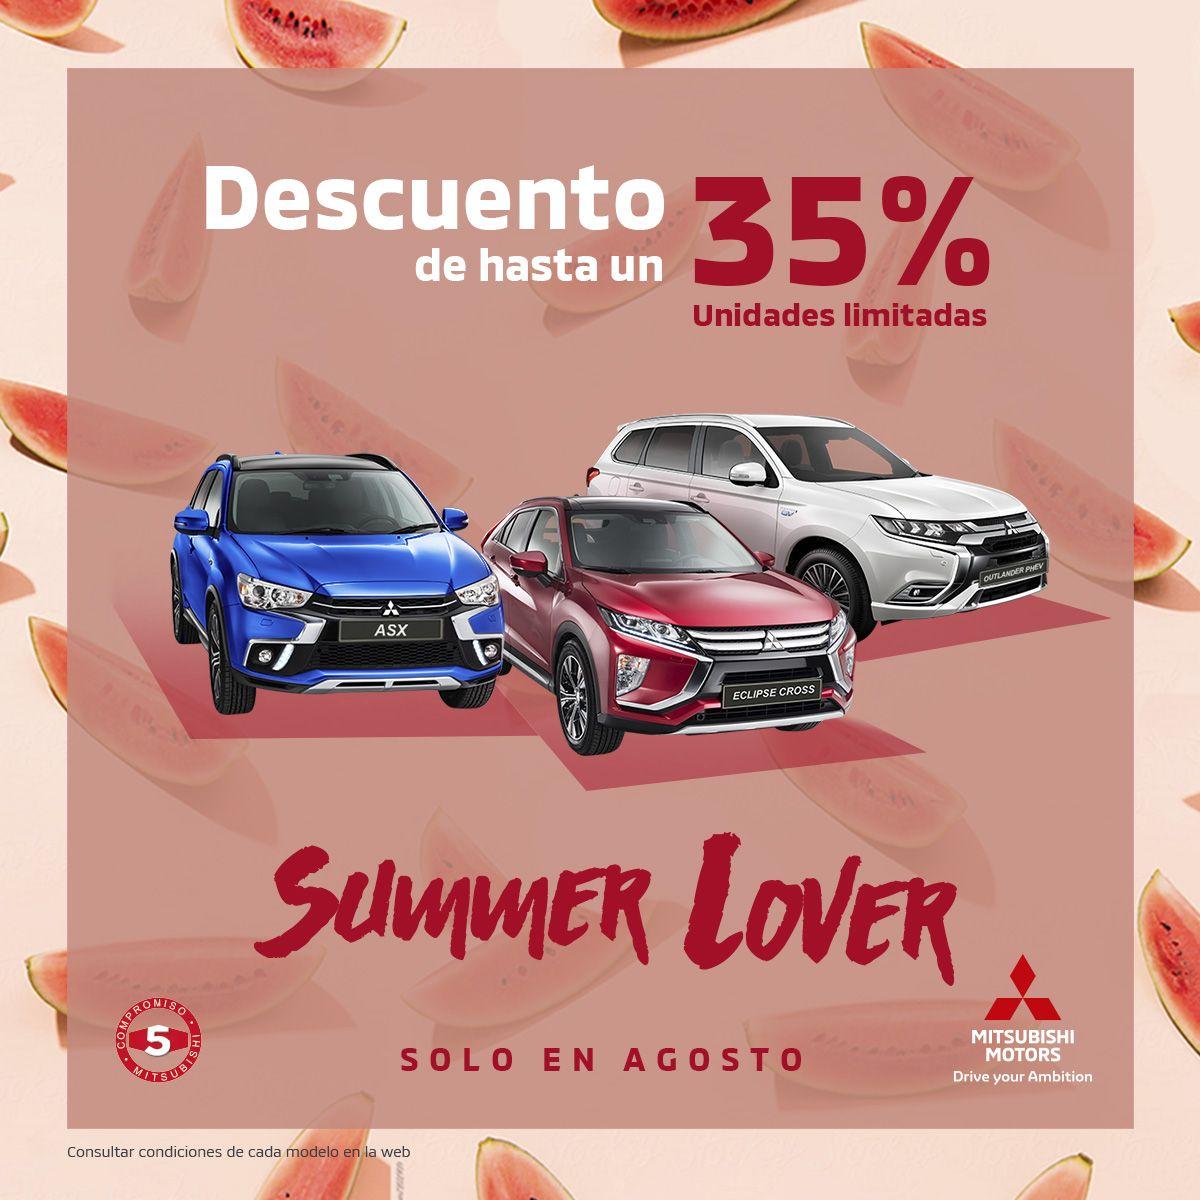 Promoción Summer Lover. Descuentos de verano.